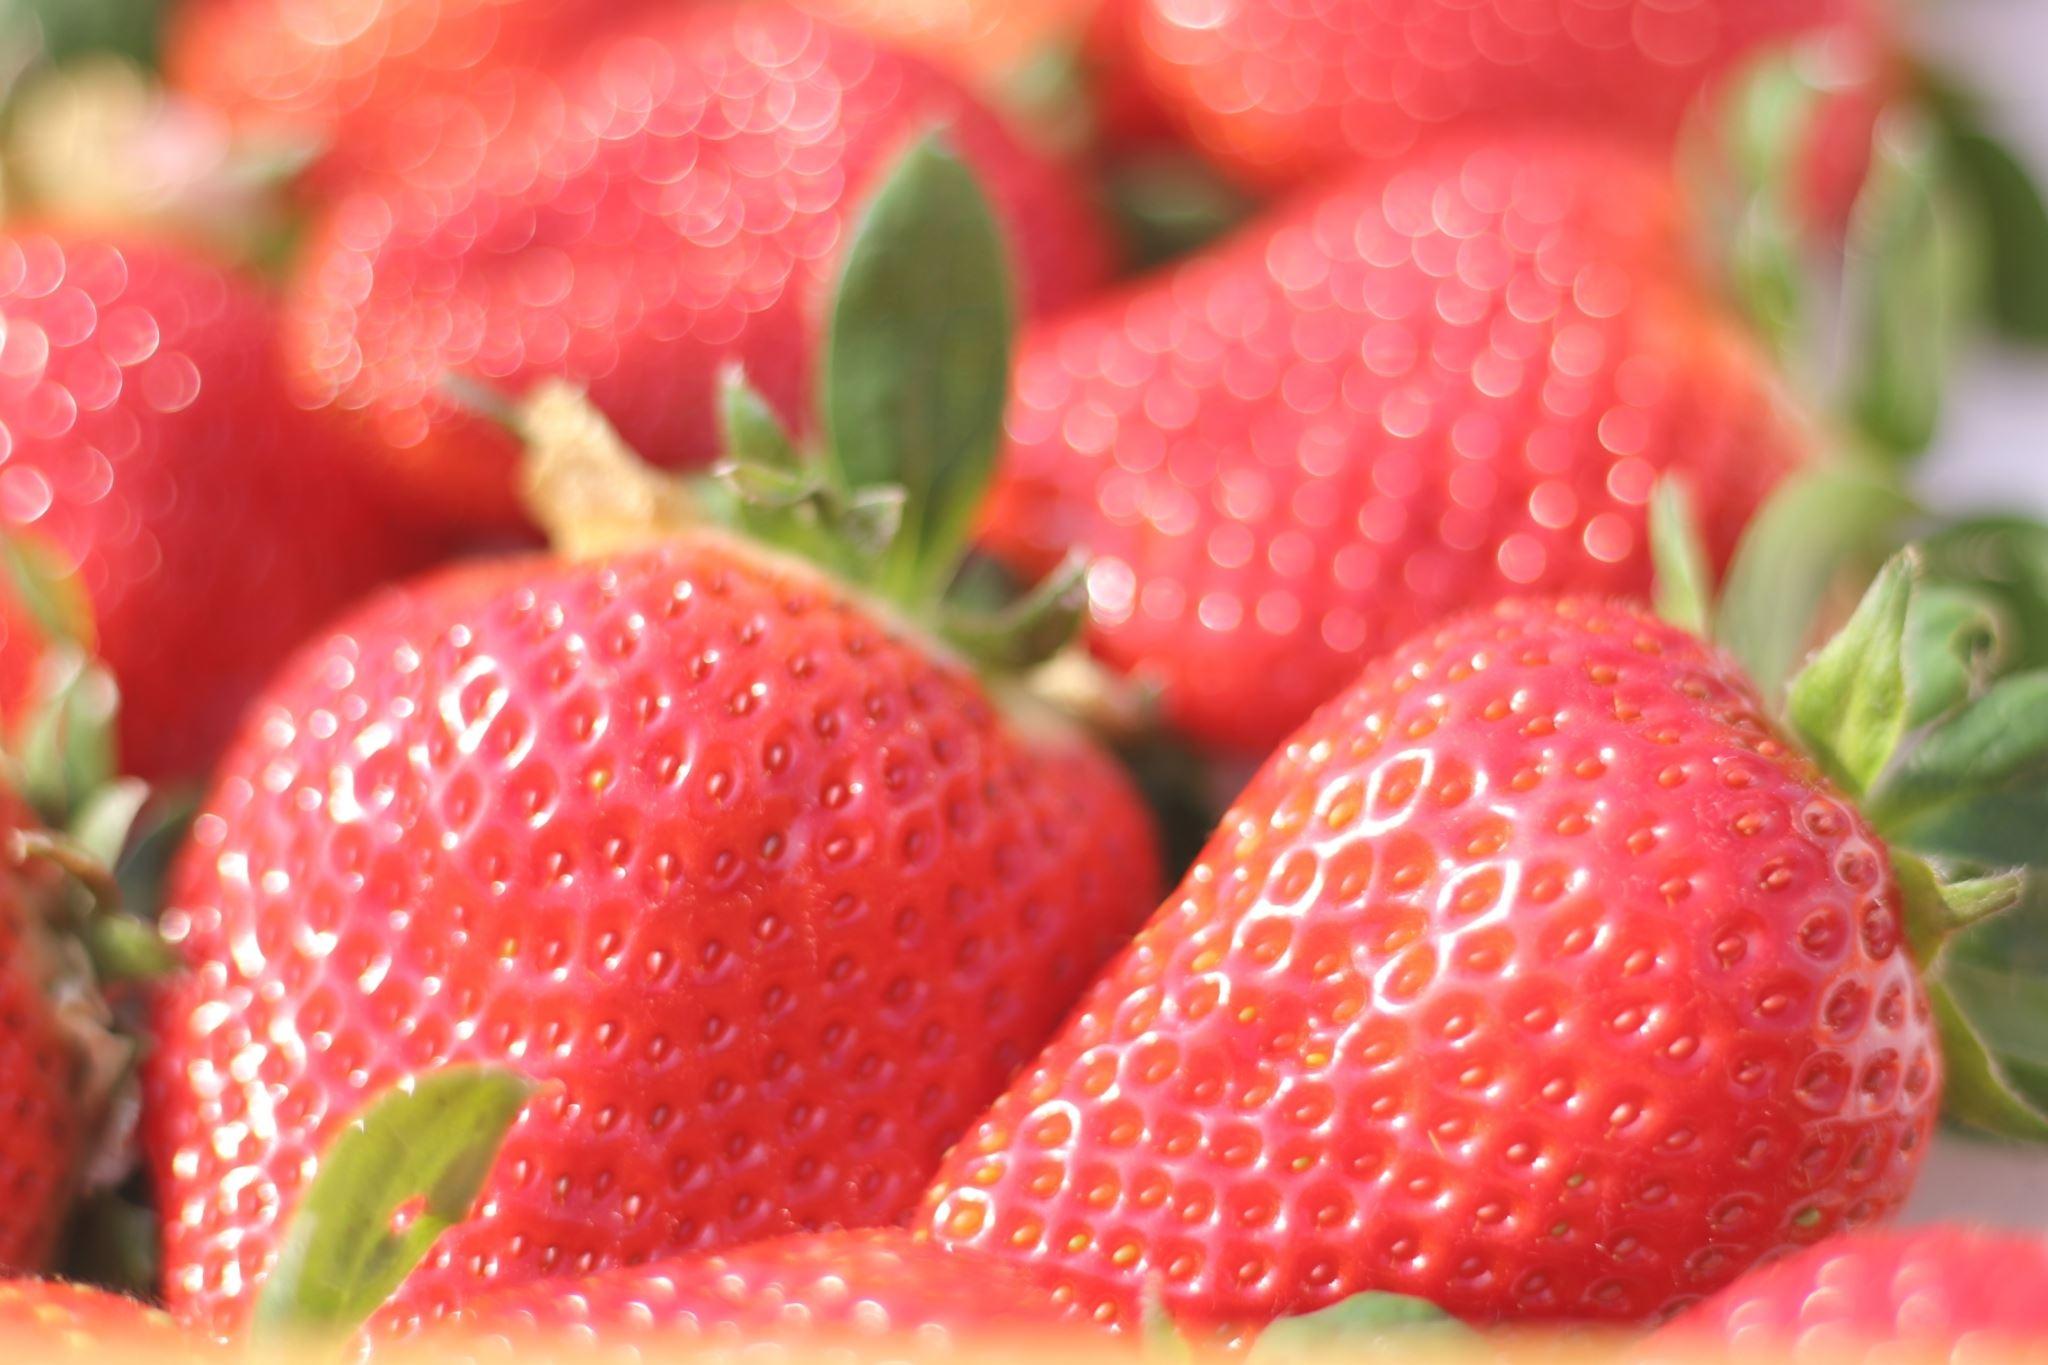 【いちご定期便】(1月2月3月お届け)まるで赤いサファイア!!丹精込めた完熟いちご!! 約450g×3回 H130-007